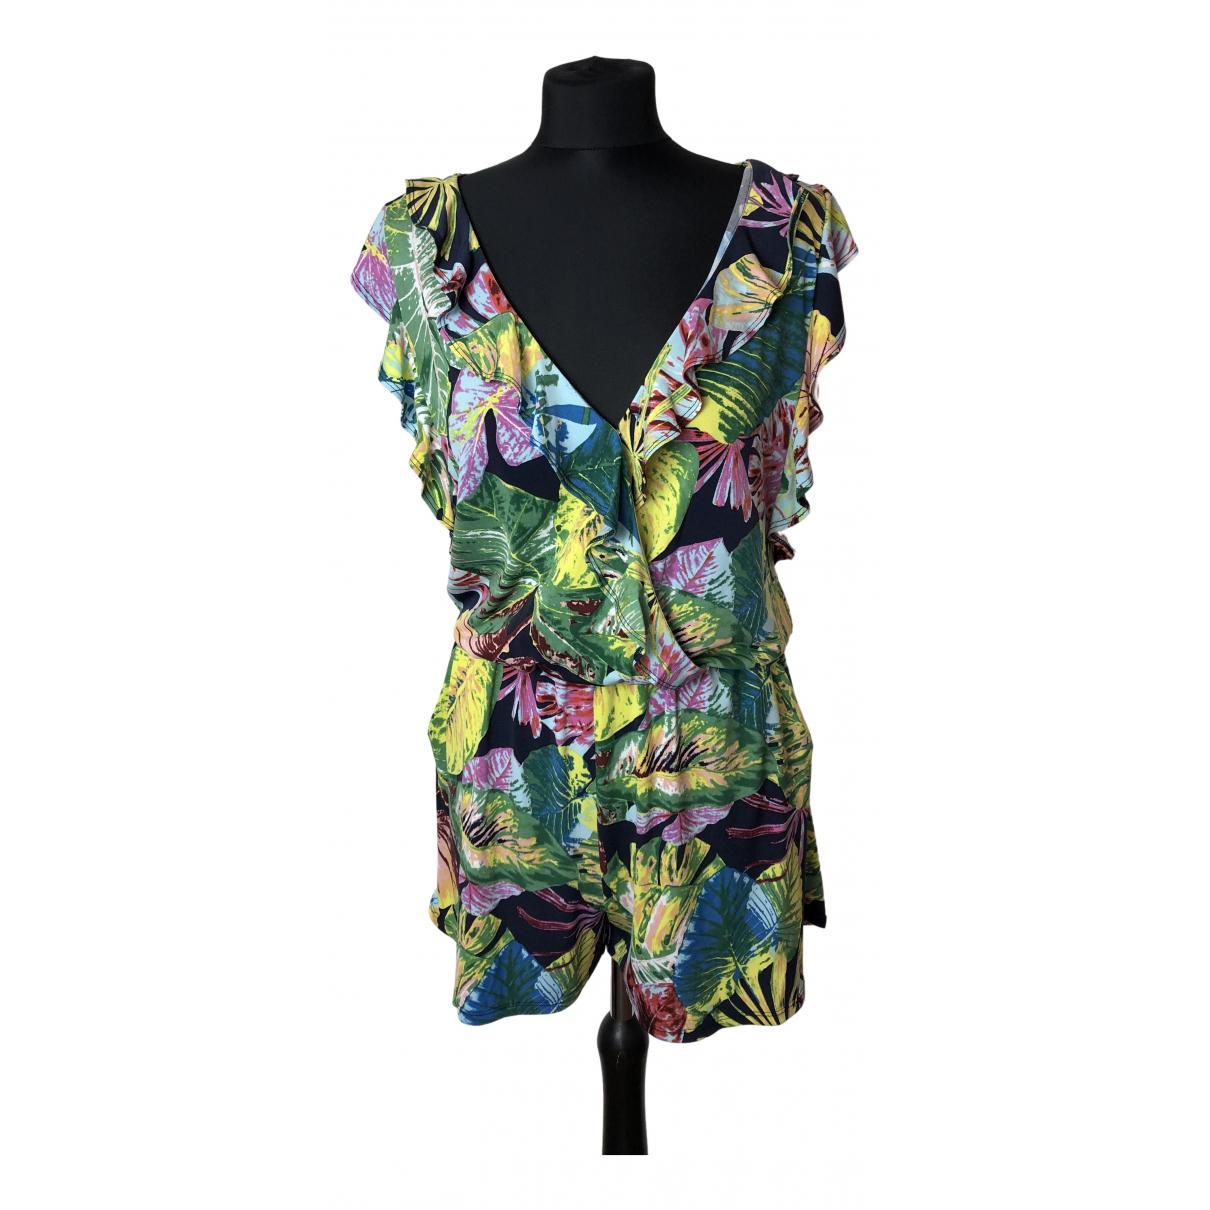 Bcbg Max Azria - Combinaison   pour femme en coton - multicolore